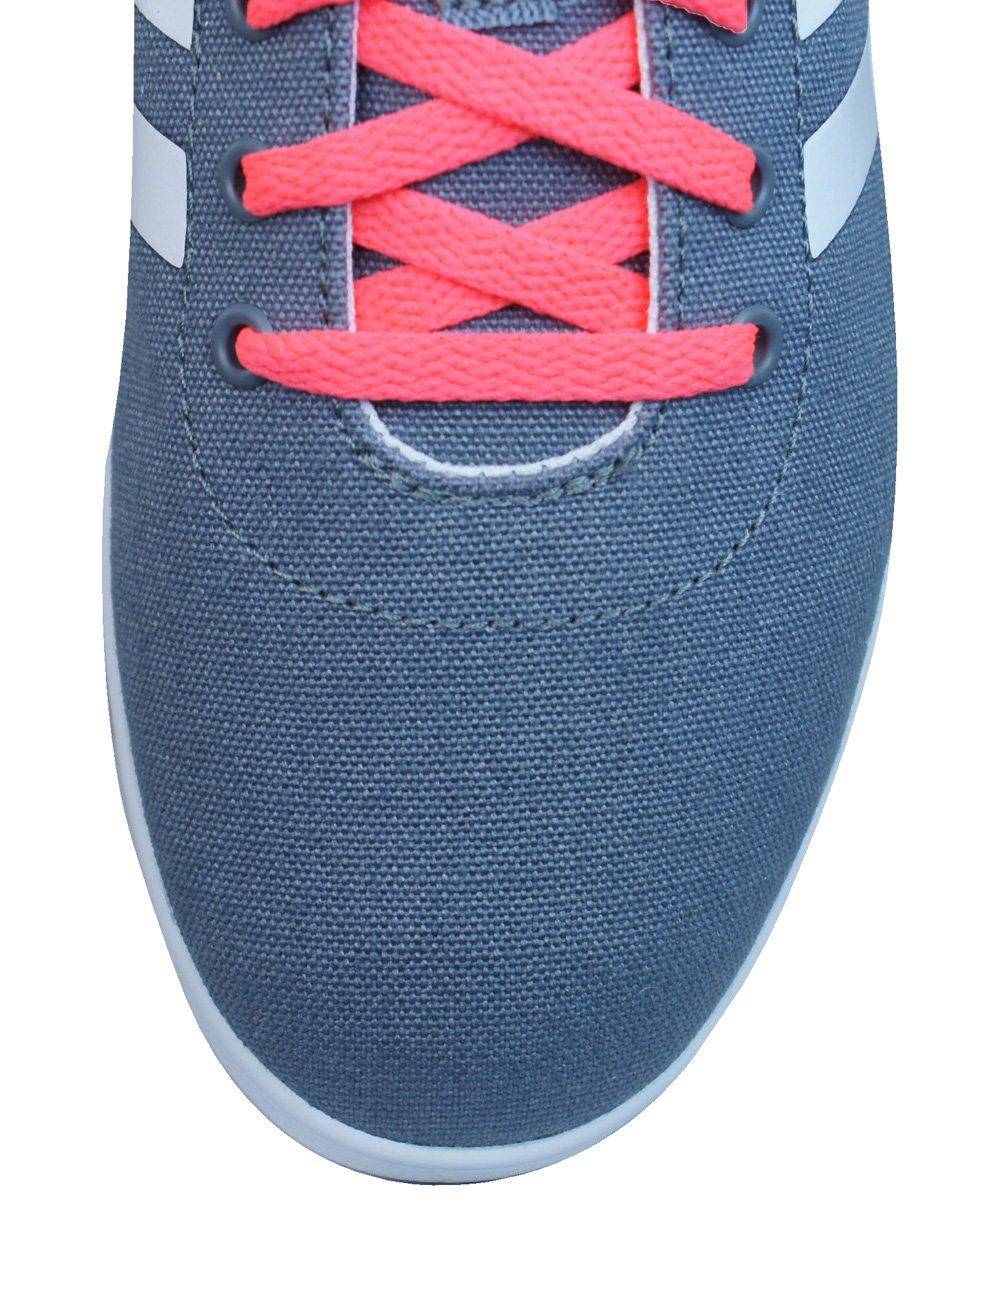 Adidas Neo Zapatillas - Qt Te Vs Mujeres Neo Zapatillas Neo De Corrientes Grey 0fd485